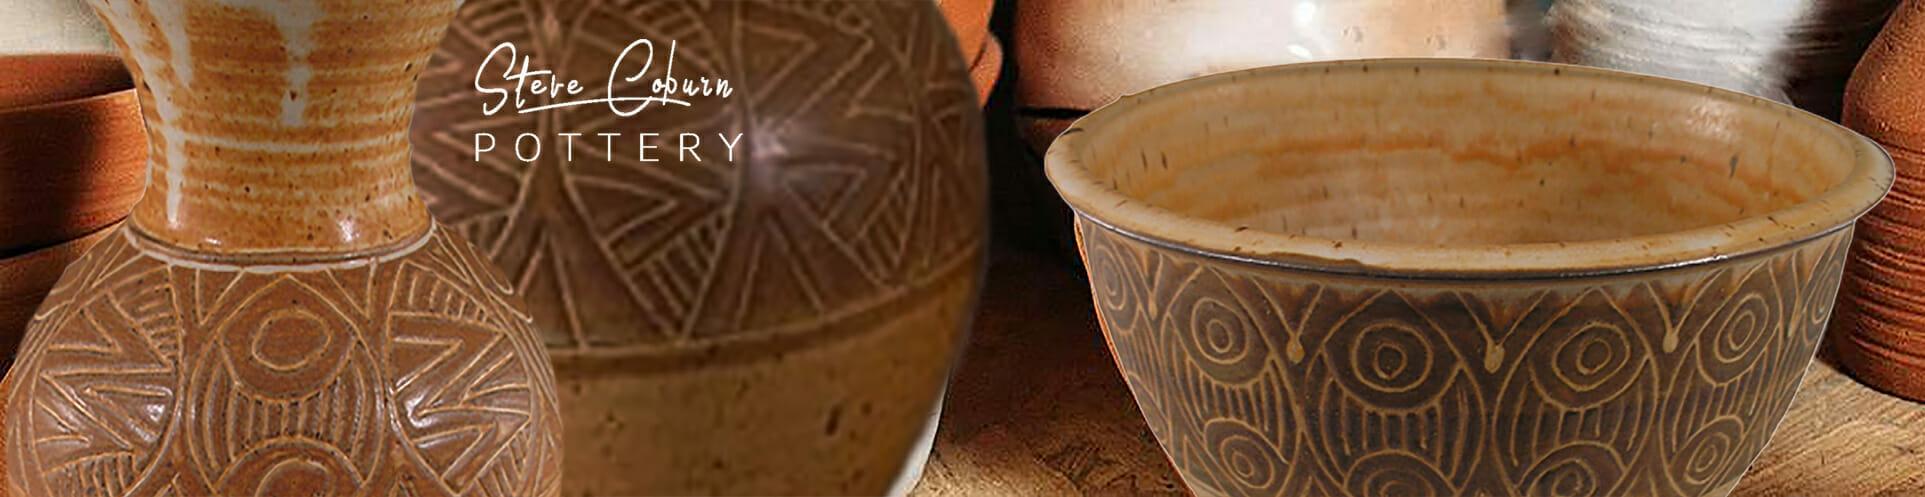 Slip Design Pottery